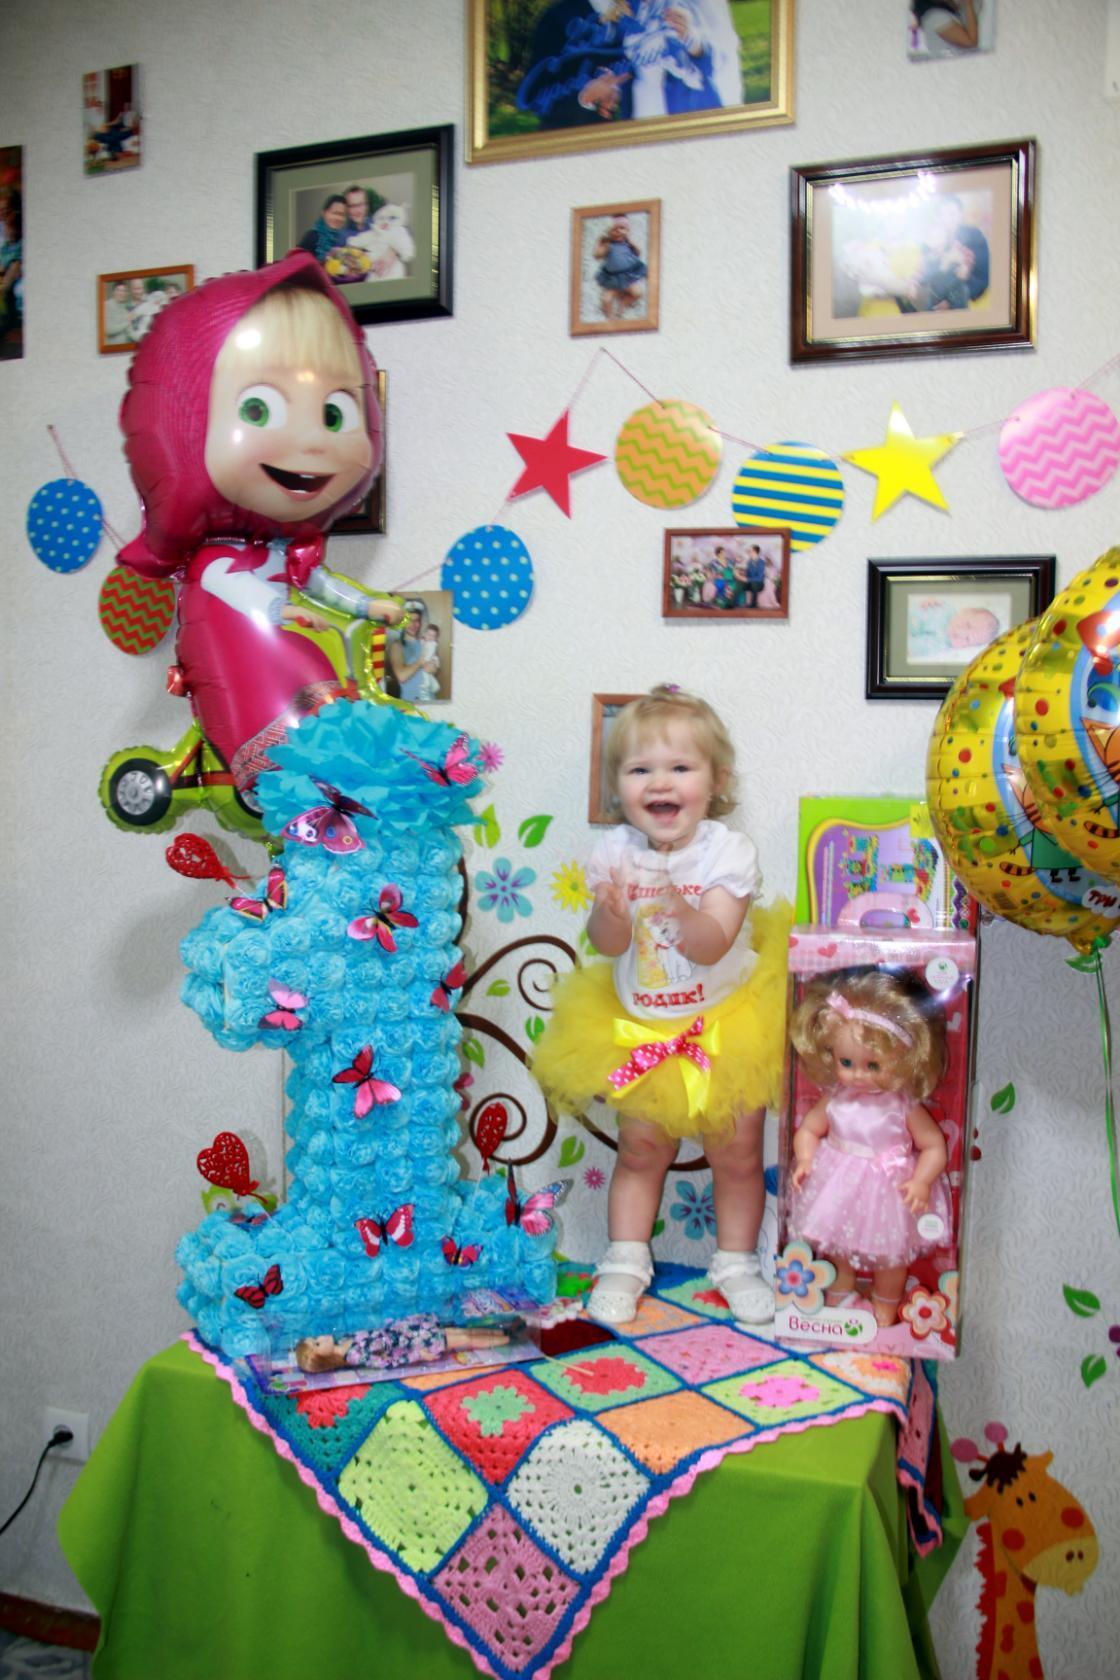 Какое счастье узнать, что такое 1ый день рождения!. Счастье есть!